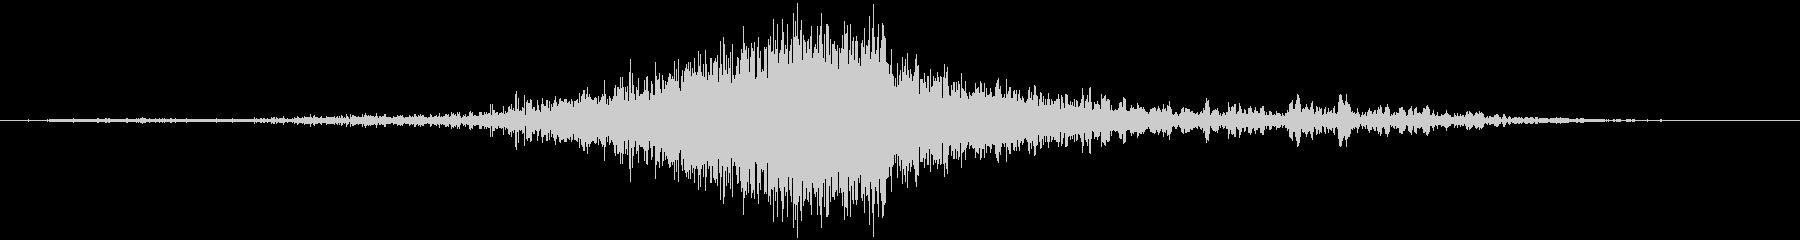 トランジション FX_06の未再生の波形